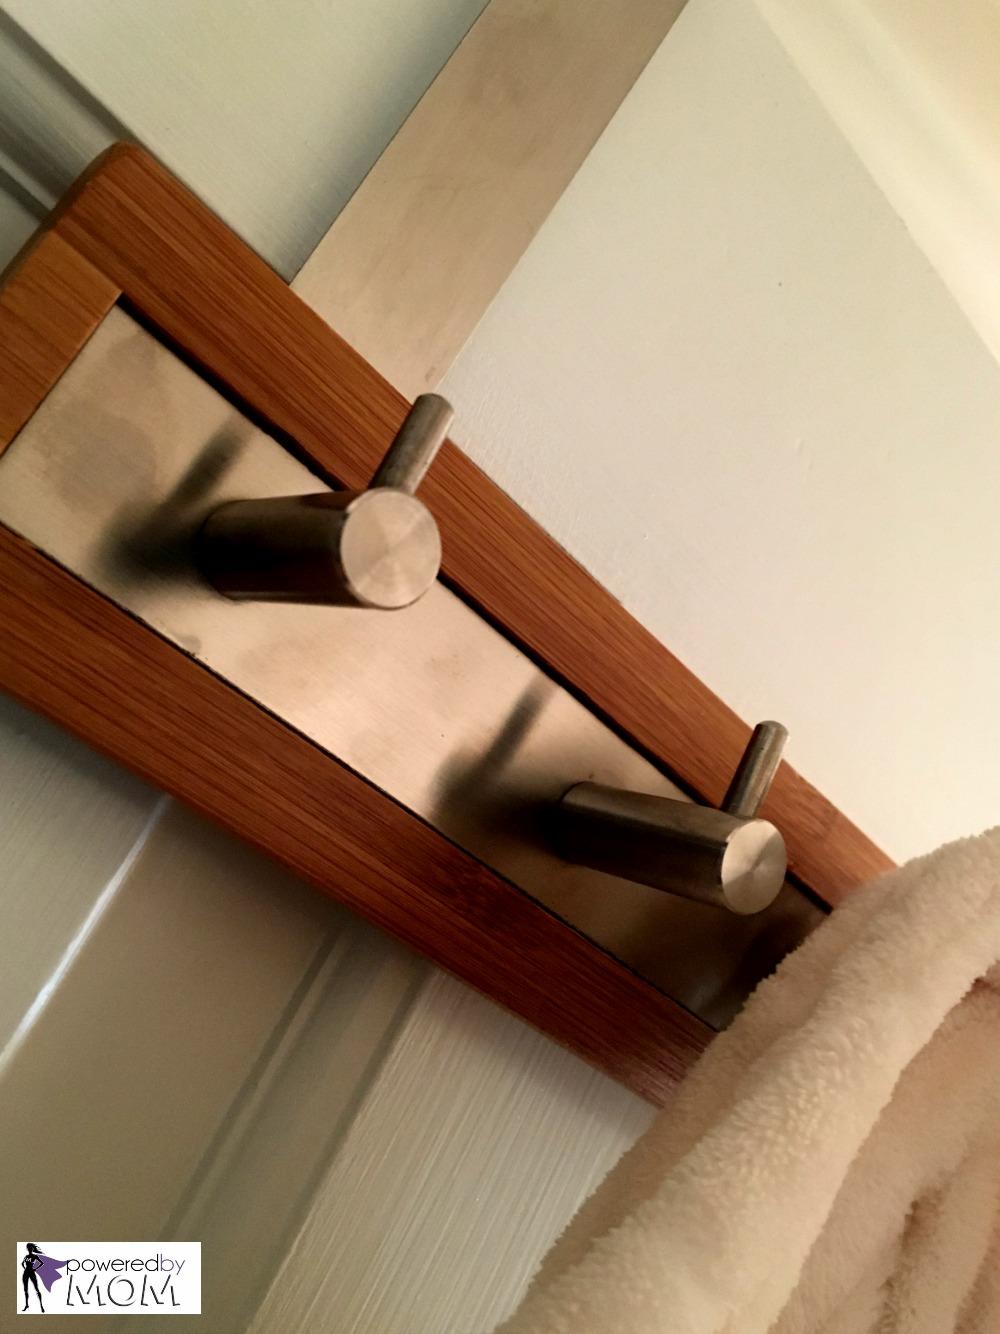 over-the-door-towel-holder